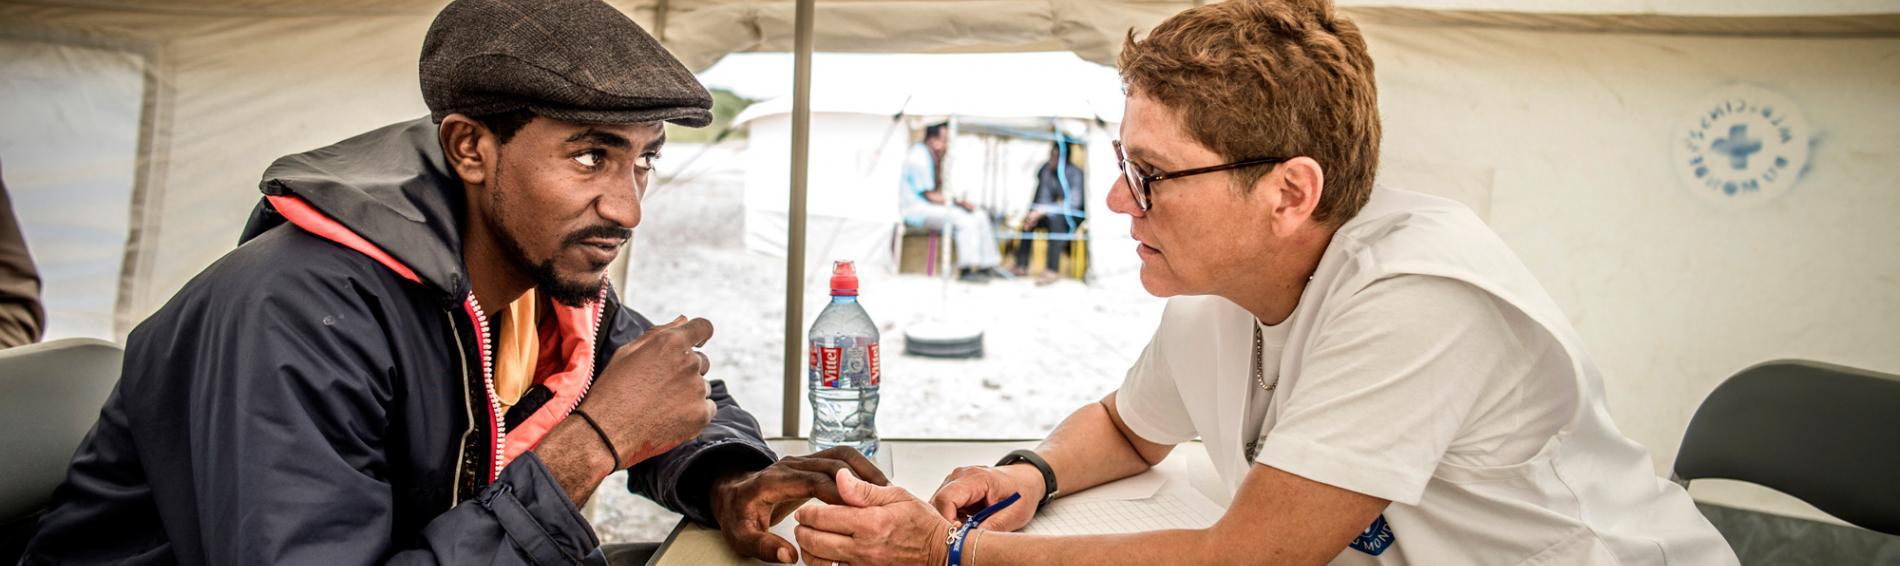 Behandlung eines Geflüchteten im Camp in Calais. Foto: Olivier Papegnies